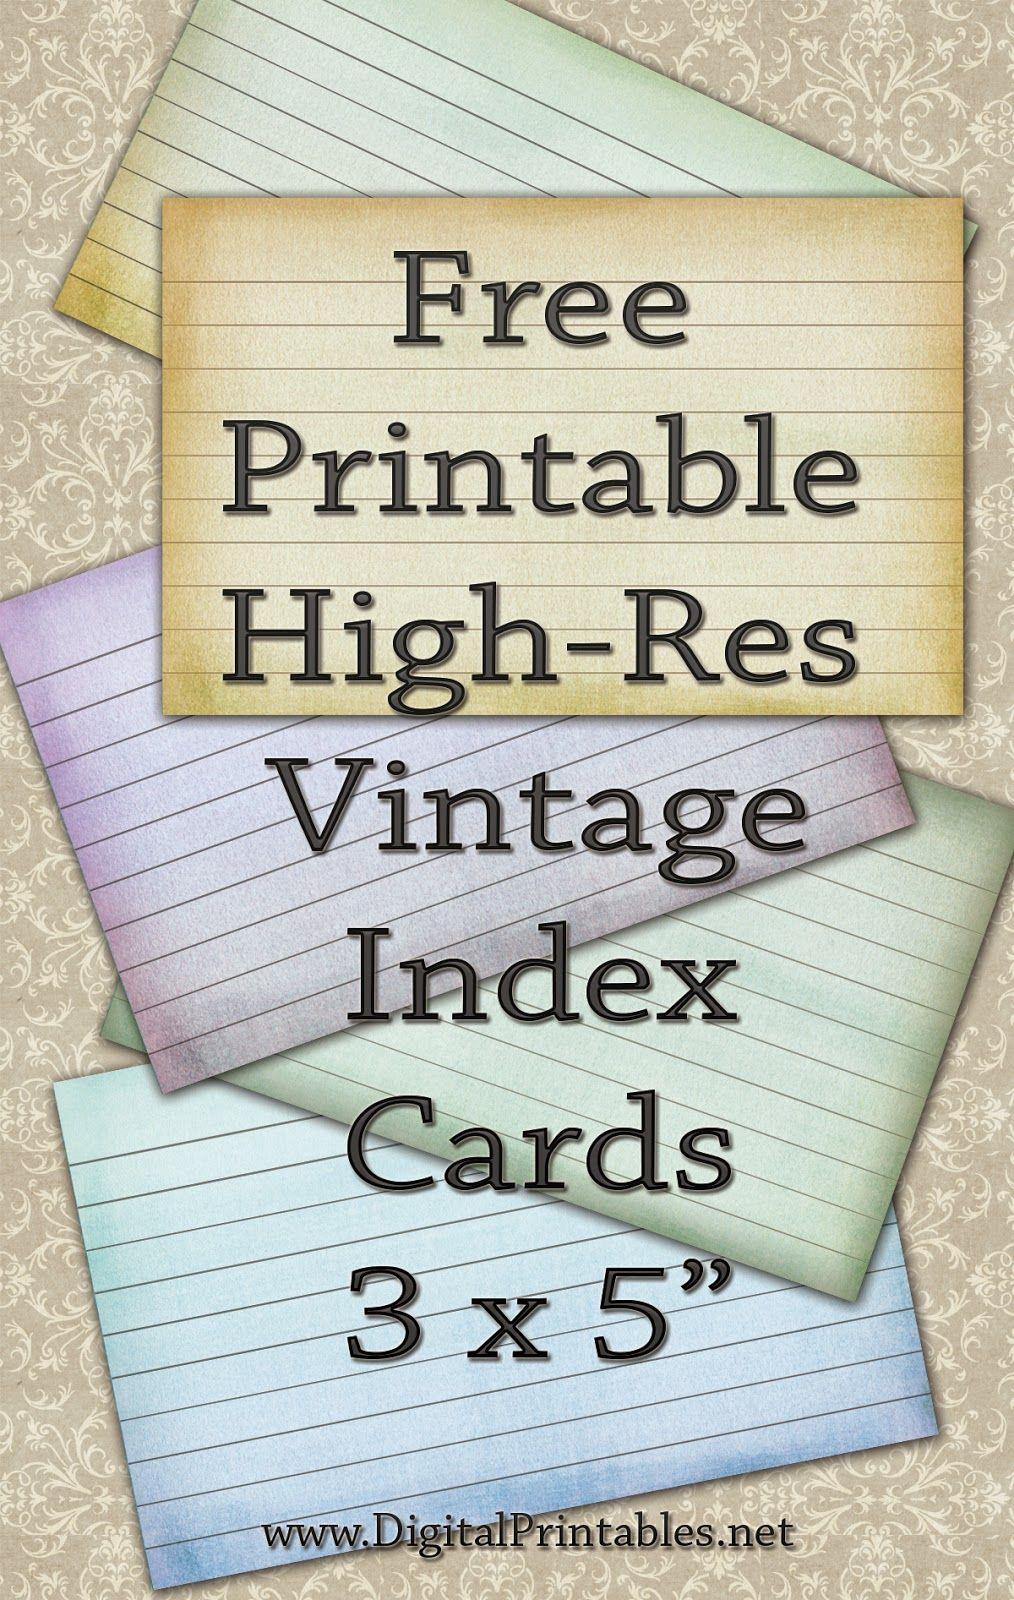 Free Printable Index Cards Vintage Look High Res | Freebies | Index - Free Printable Index Cards